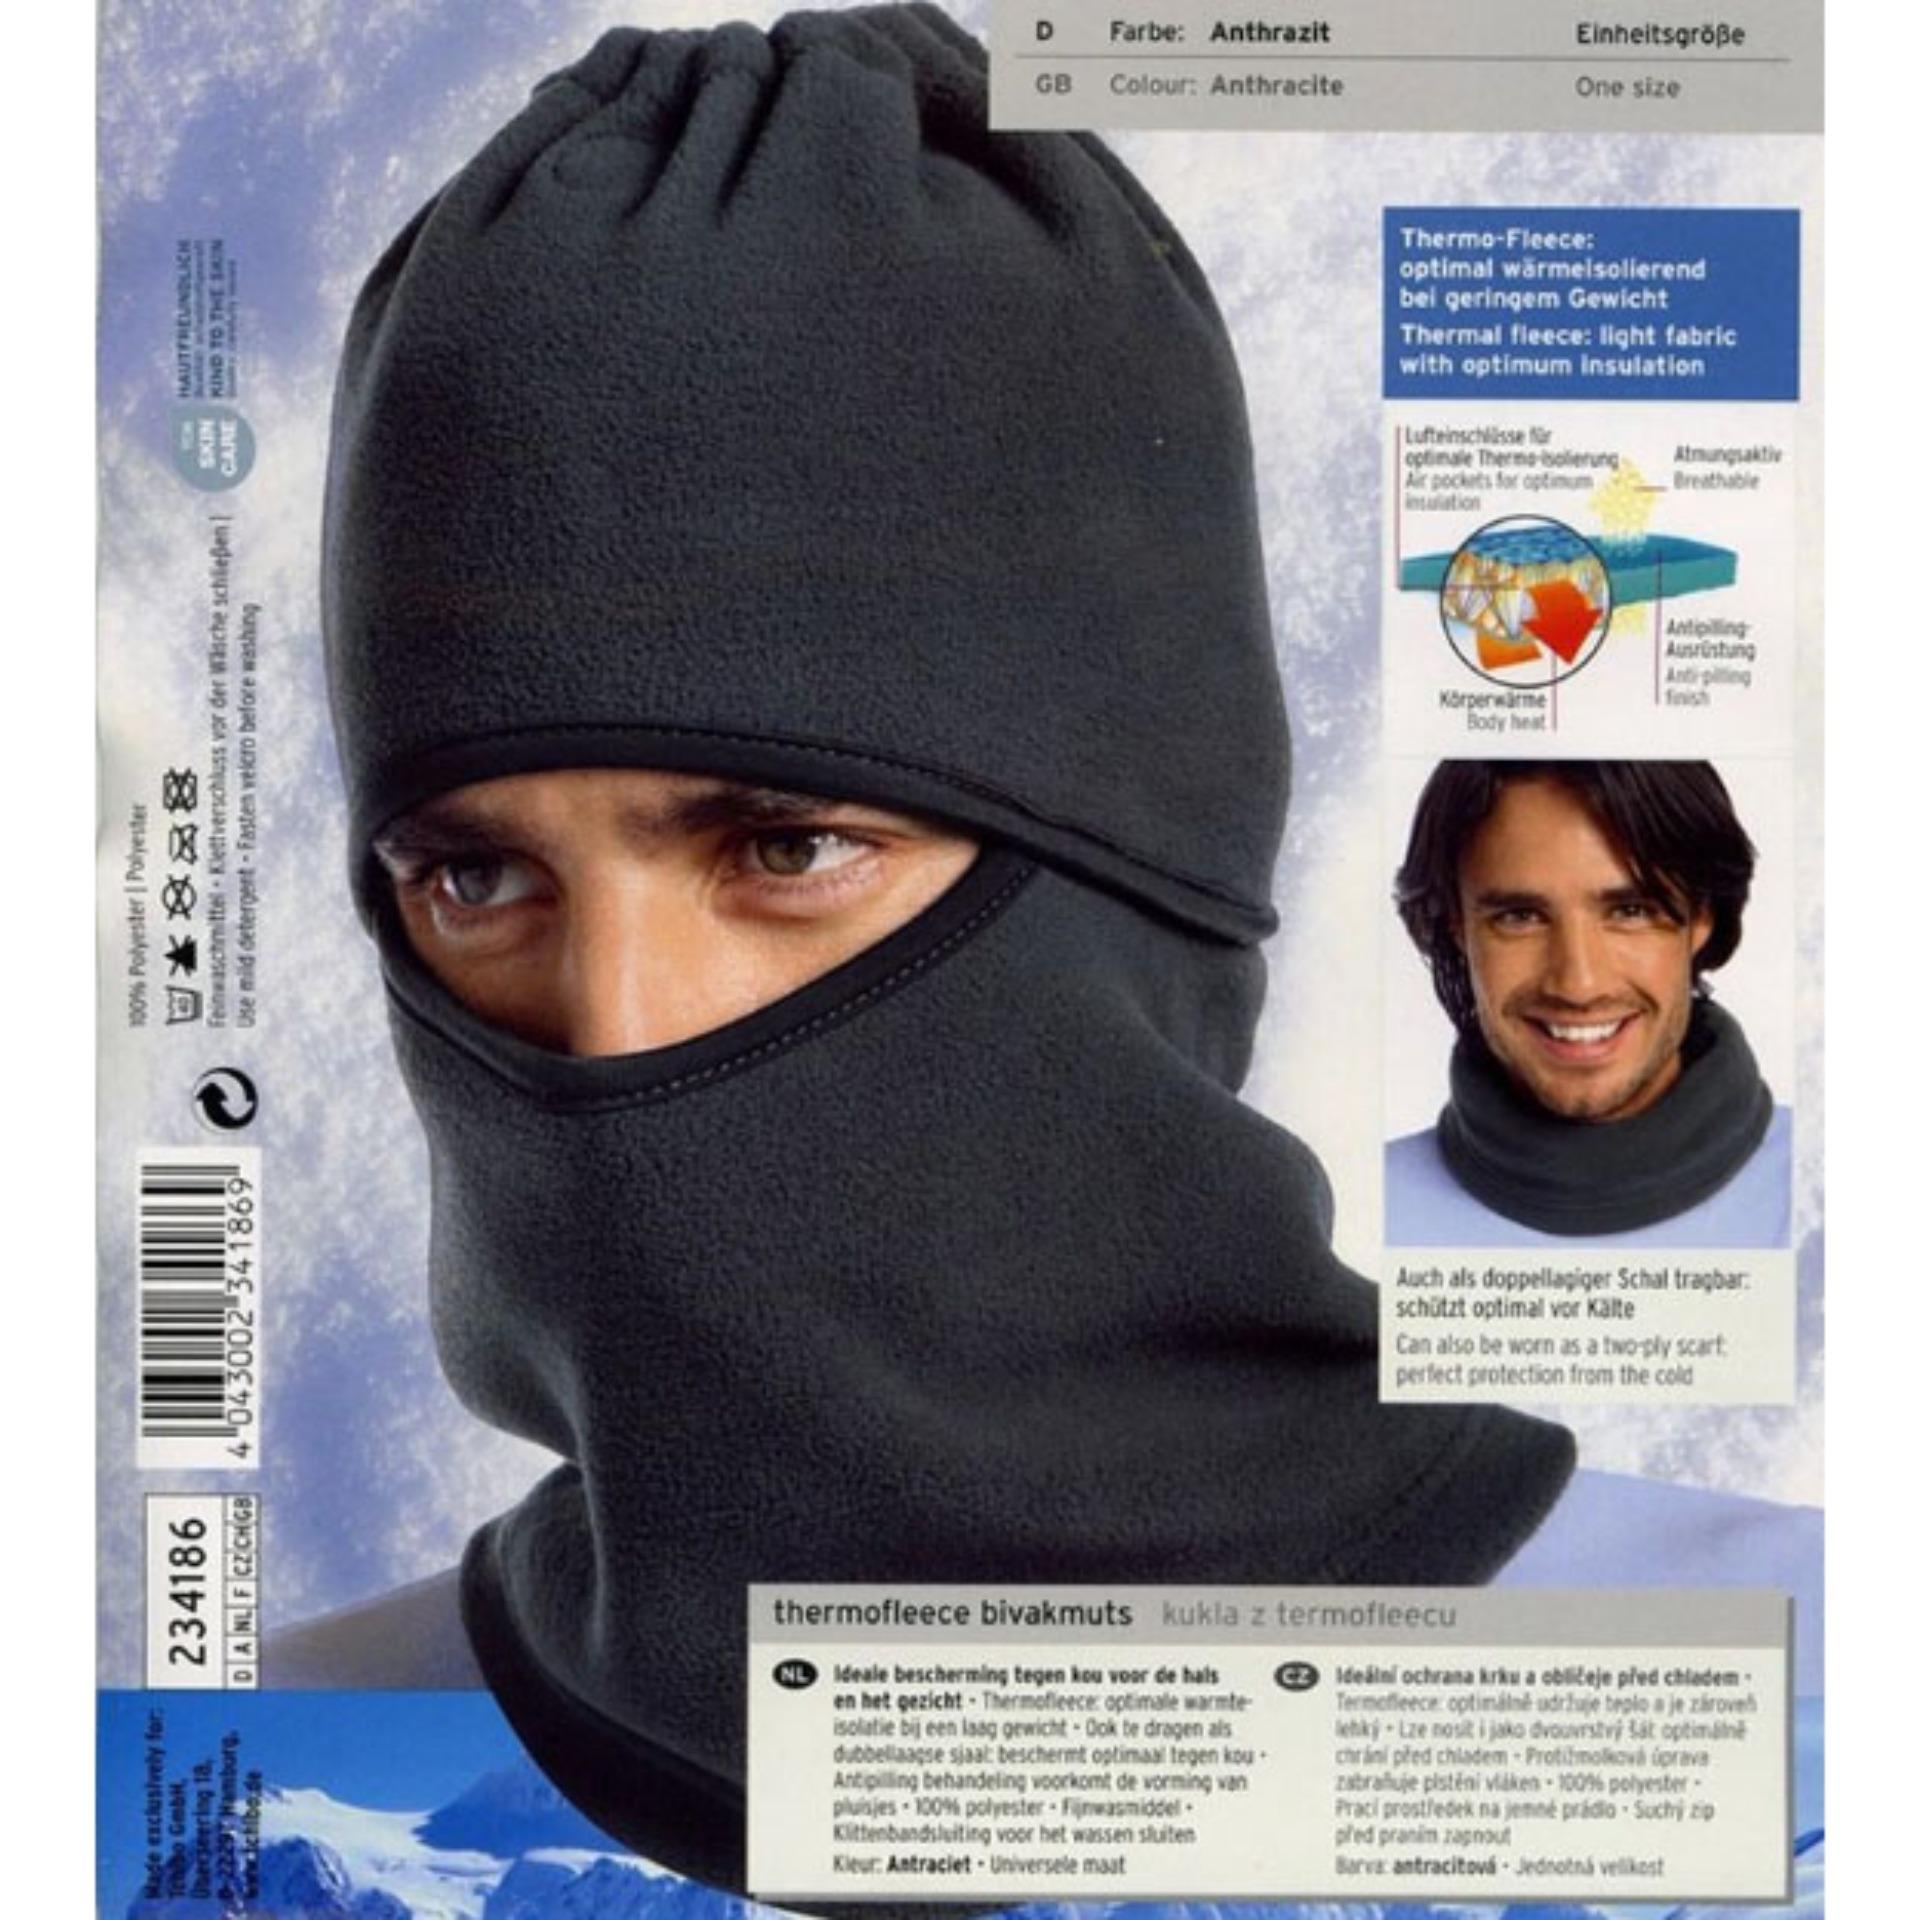 Khăn Đi Phượt Face Mask cao cấp – Giữ Ấm + Chống Bụi Tốt